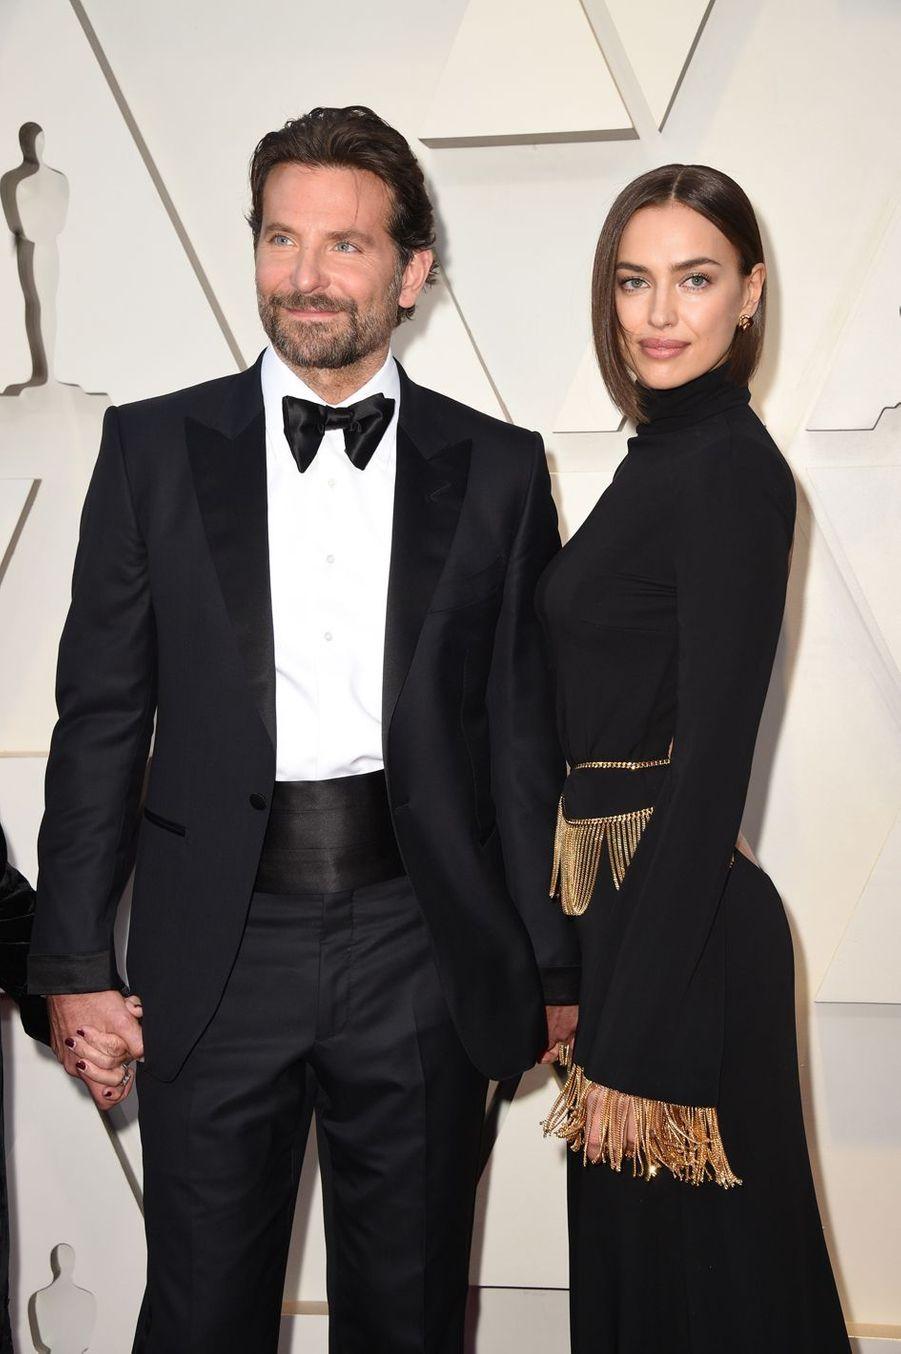 Bradley Cooper et Irina Shayk sur le tapis rouge de la 91e cérémonie des Oscars le 24 février 2019